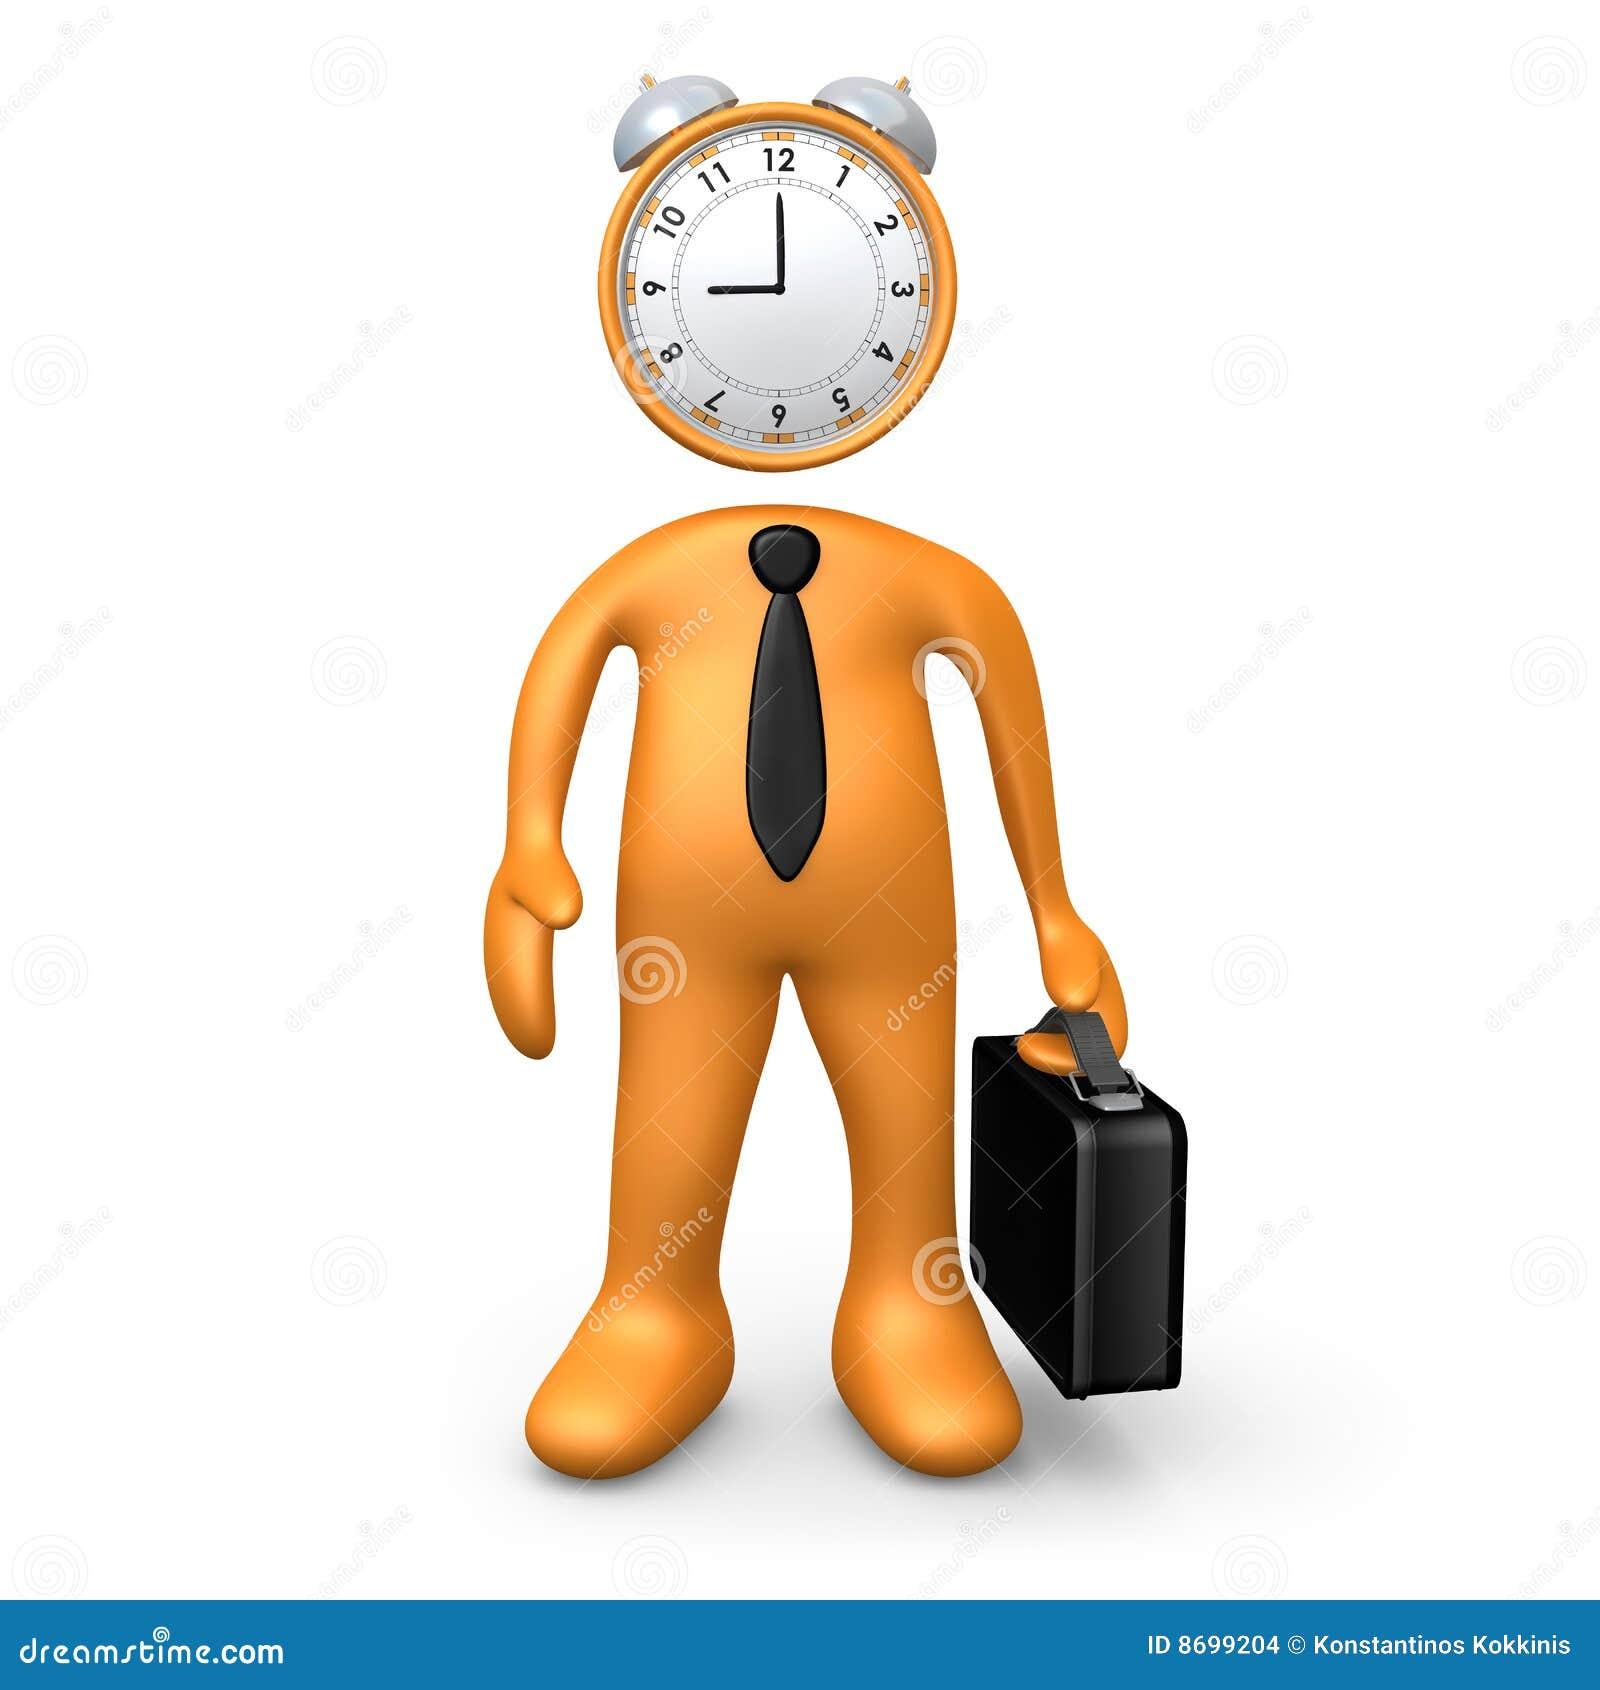 Kết quả hình ảnh cho time work